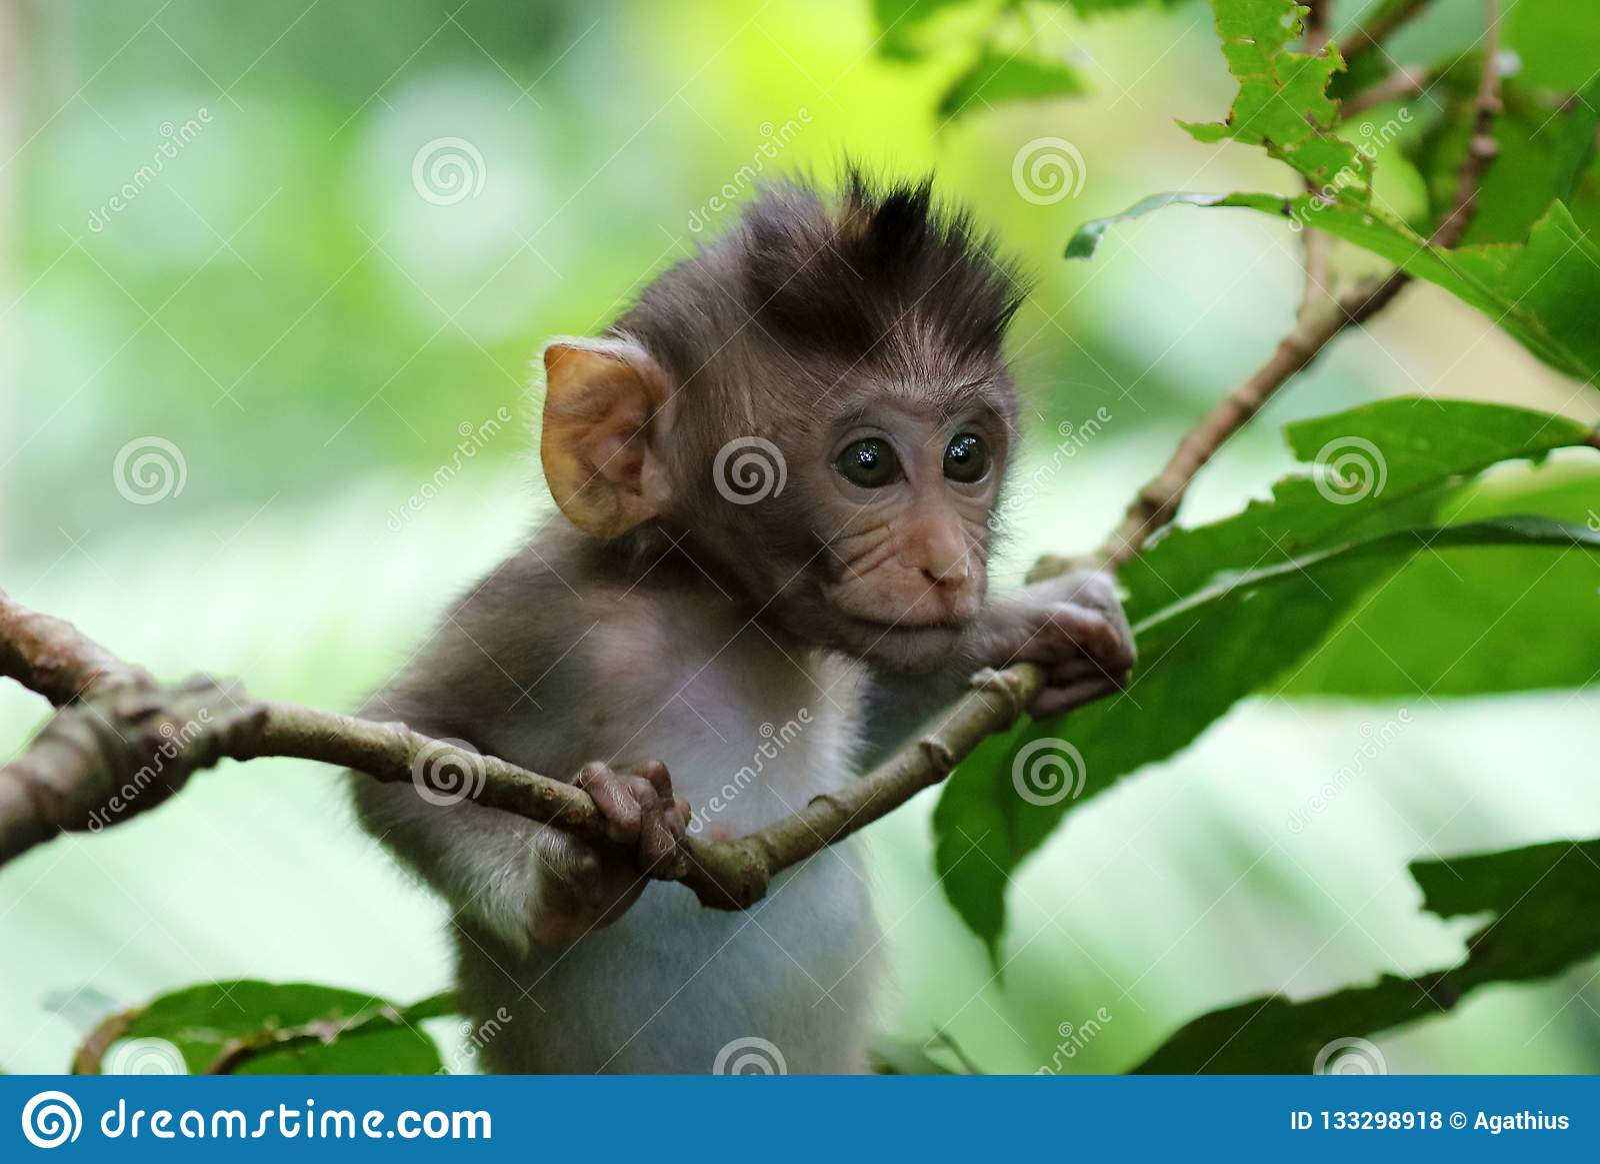 Όμορφο μοναδικό πορτρέτο του πιθήκου μωρών στο δάσος πιθήκων στο Μπαλί Ινδονησία, όμορφο άγριο ζώο